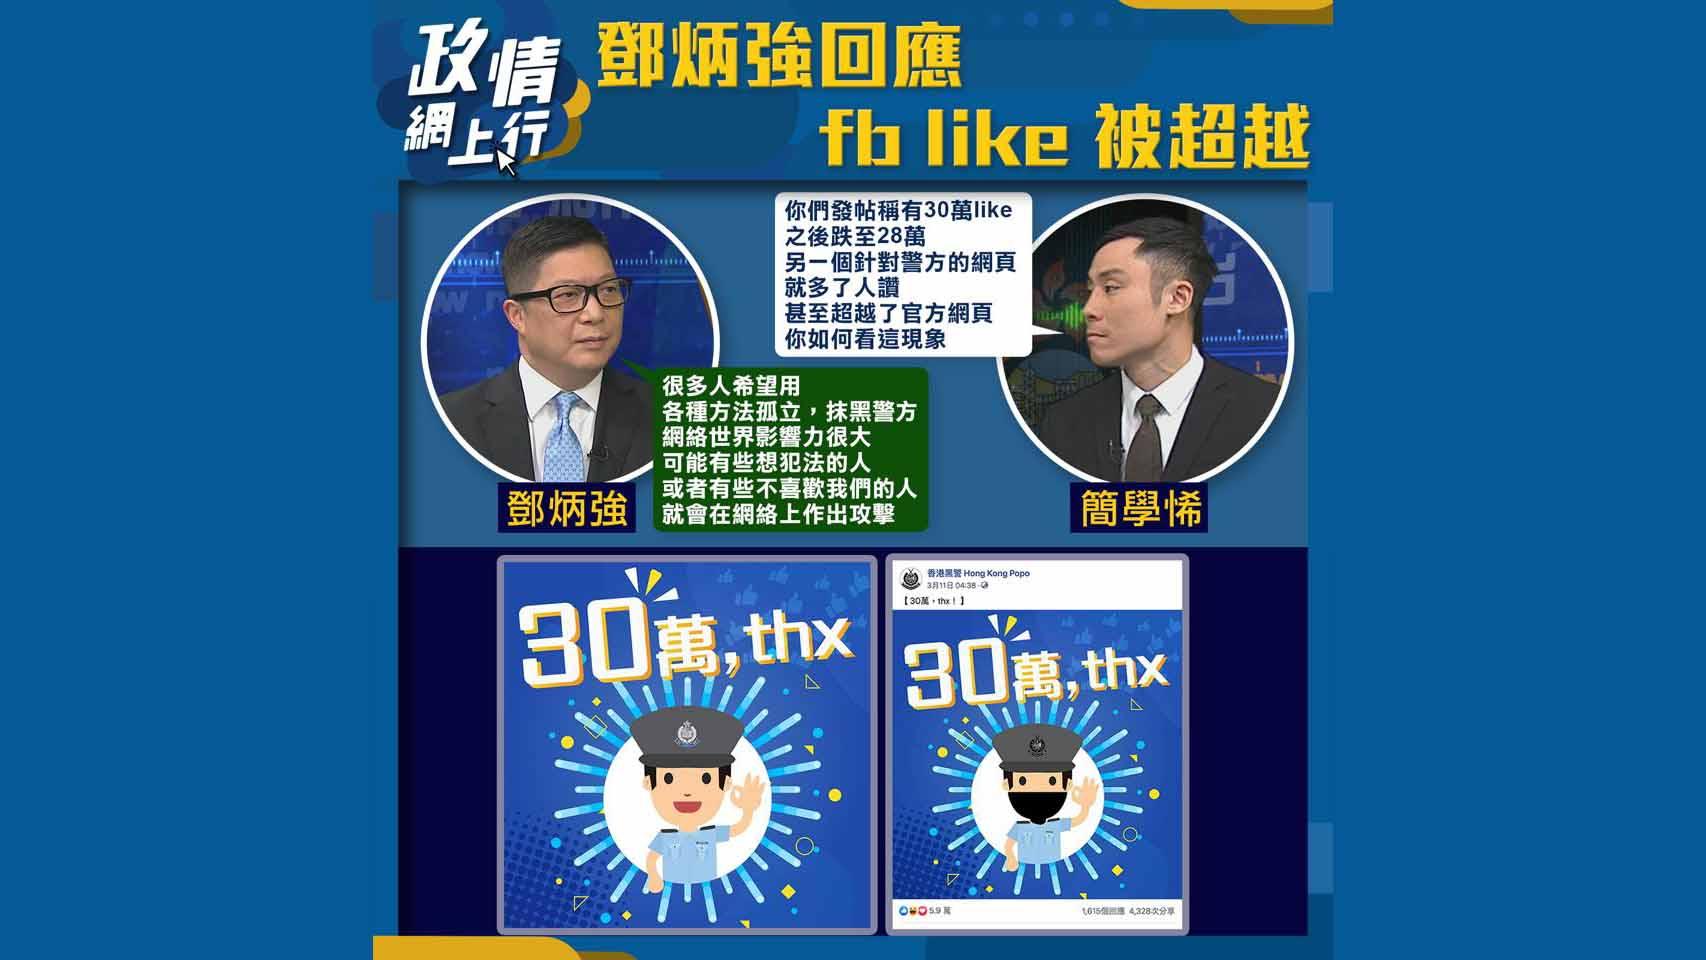 【政情網上行】鄧炳強回應FB Like被超越